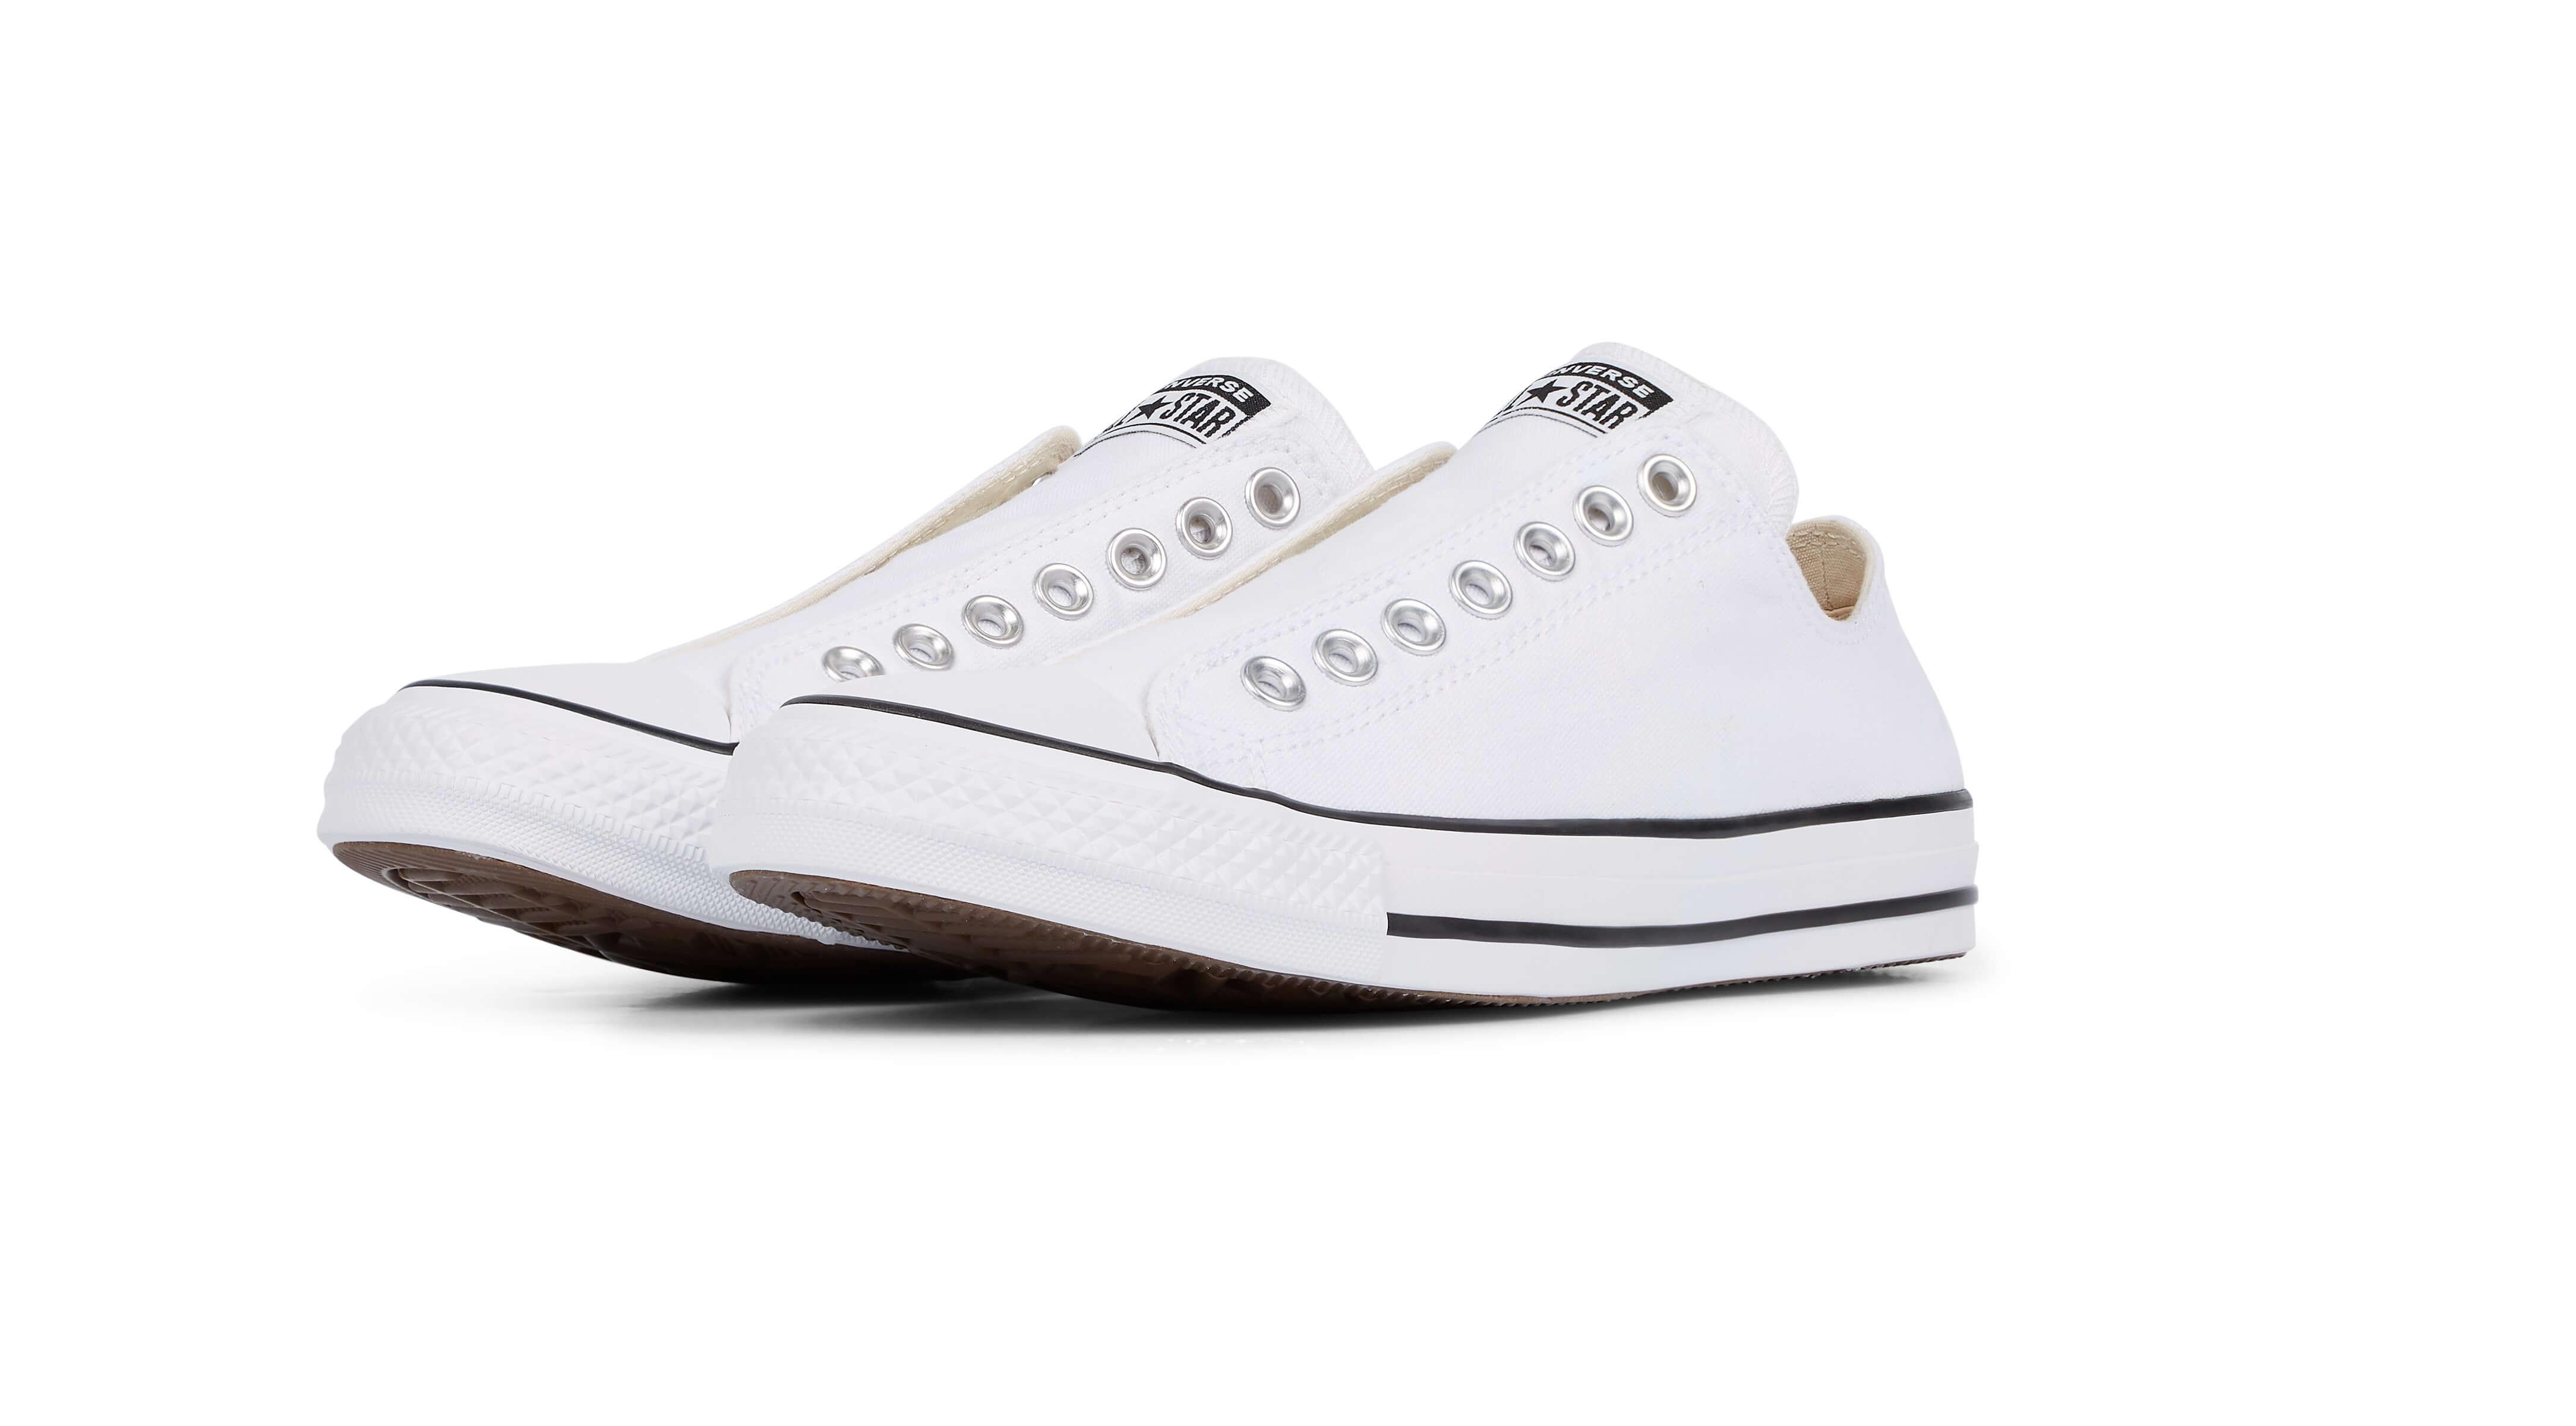 Giày converse nữ Slip on Có lổ